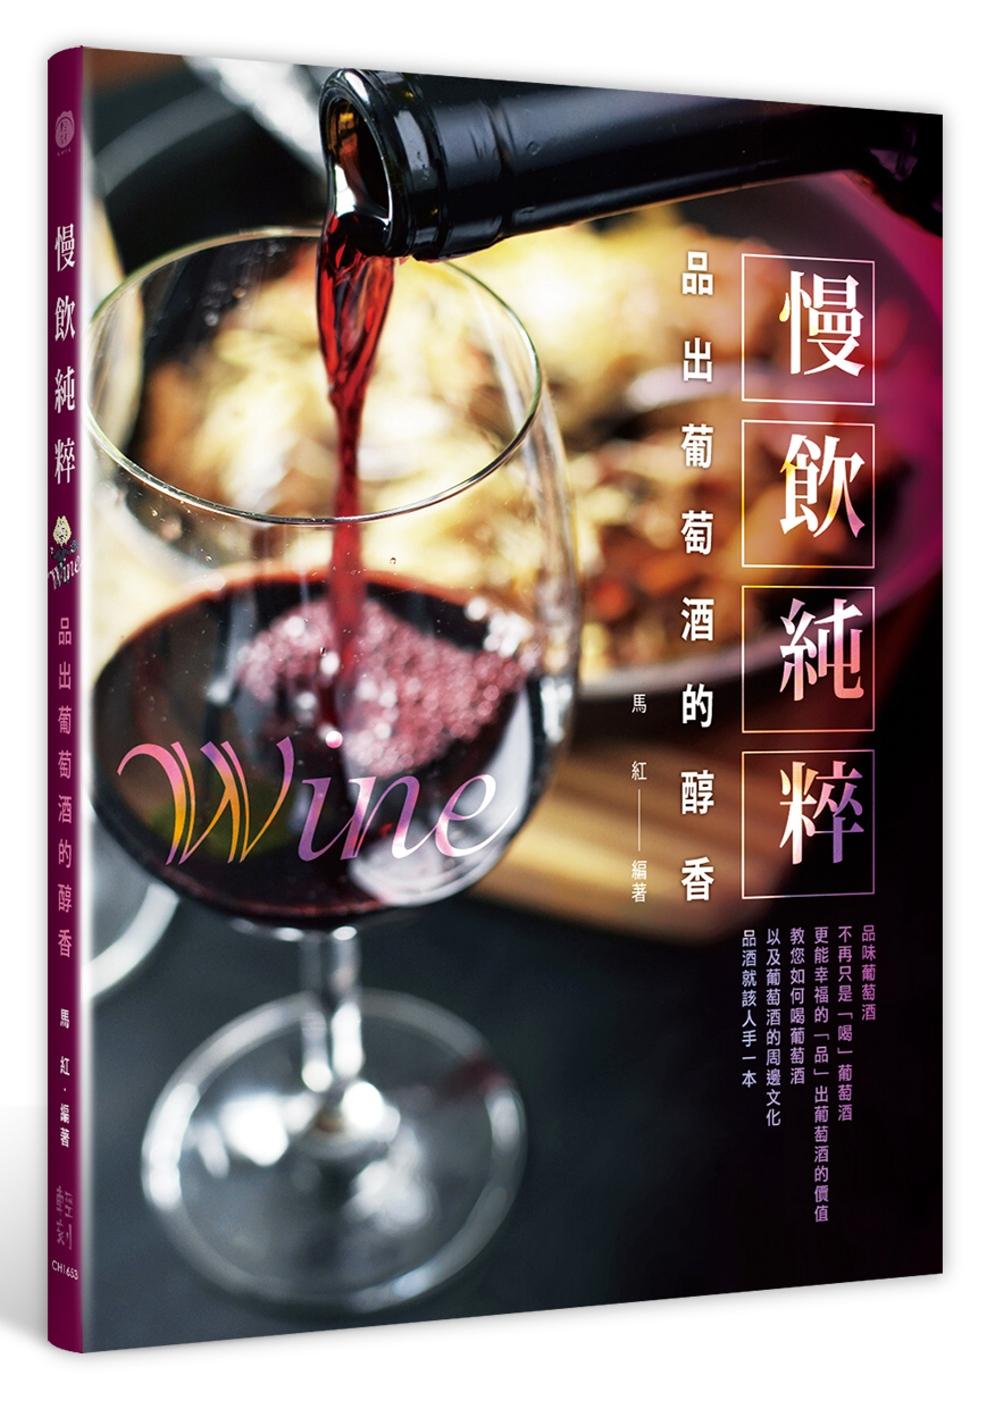 慢飲純粹:品出葡萄酒的醇香